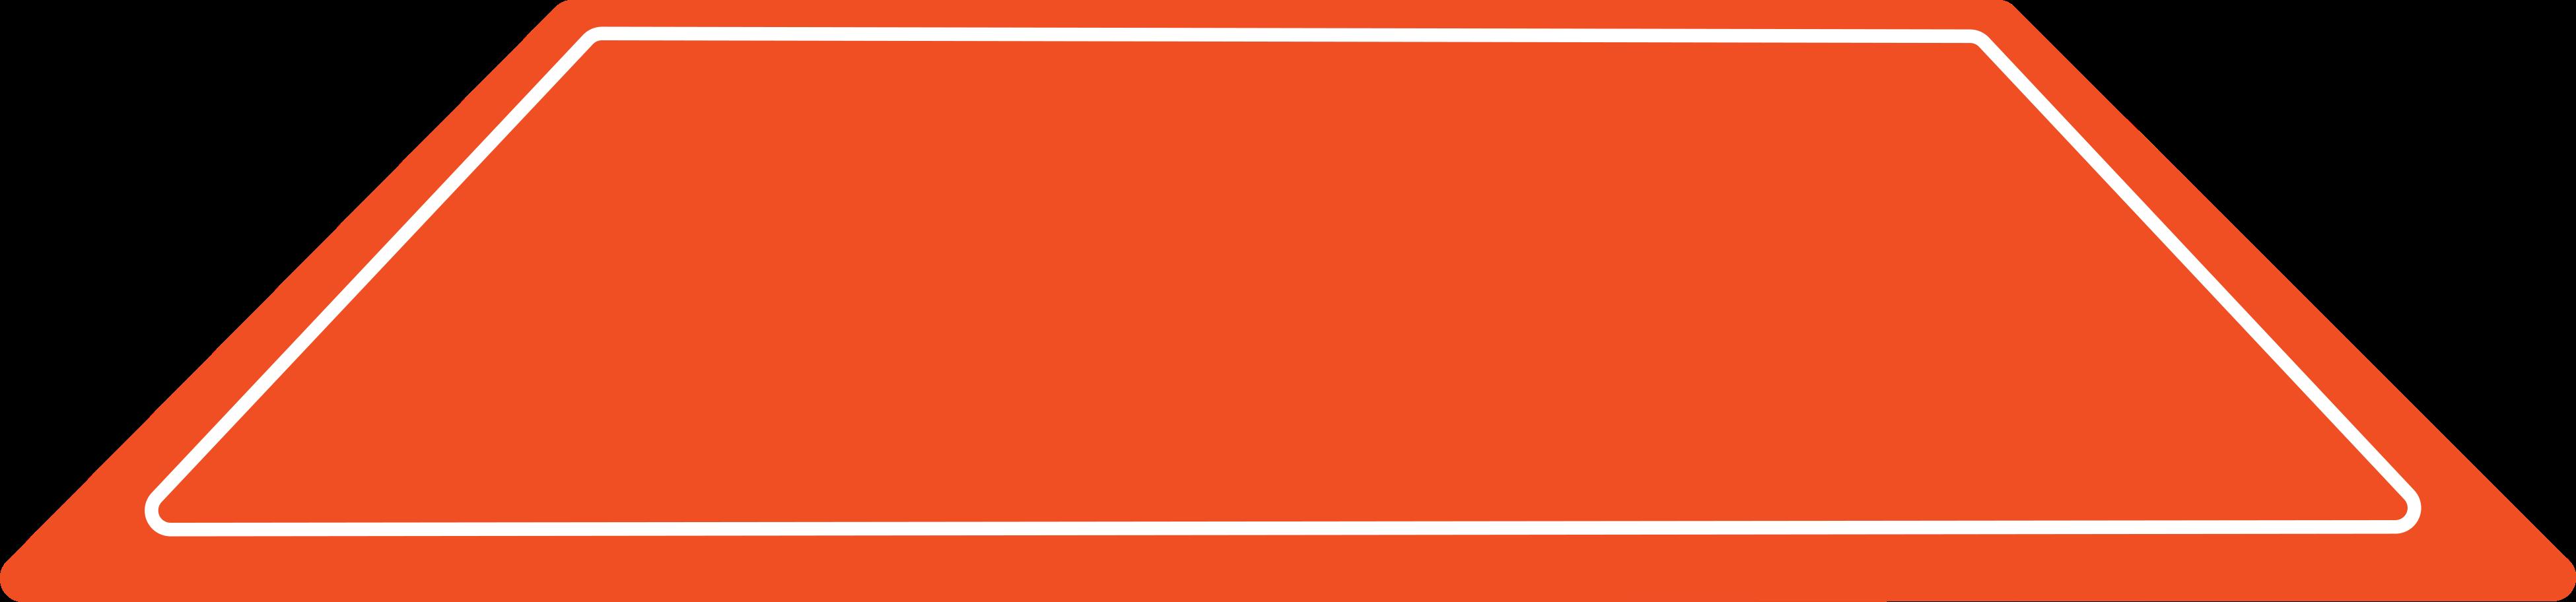 Schachbrett Clipart-Grafik als PNG, SVG